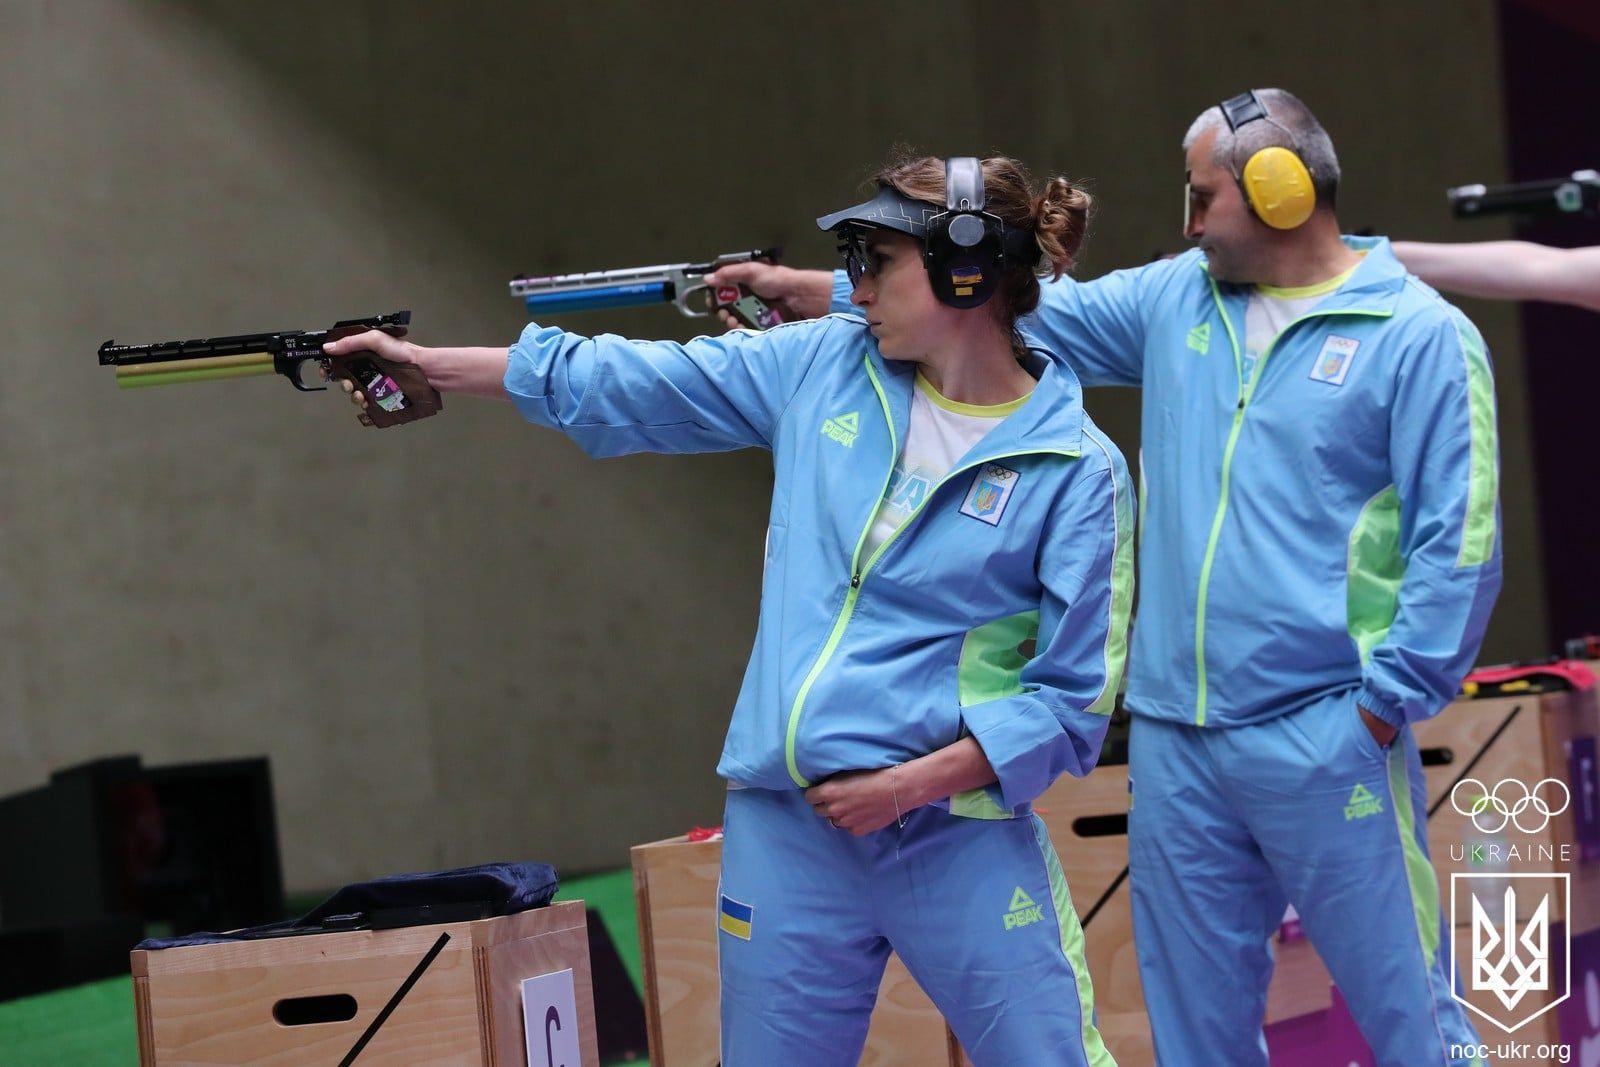 Украина выиграла медали на пятый день Олимпиады в Токио